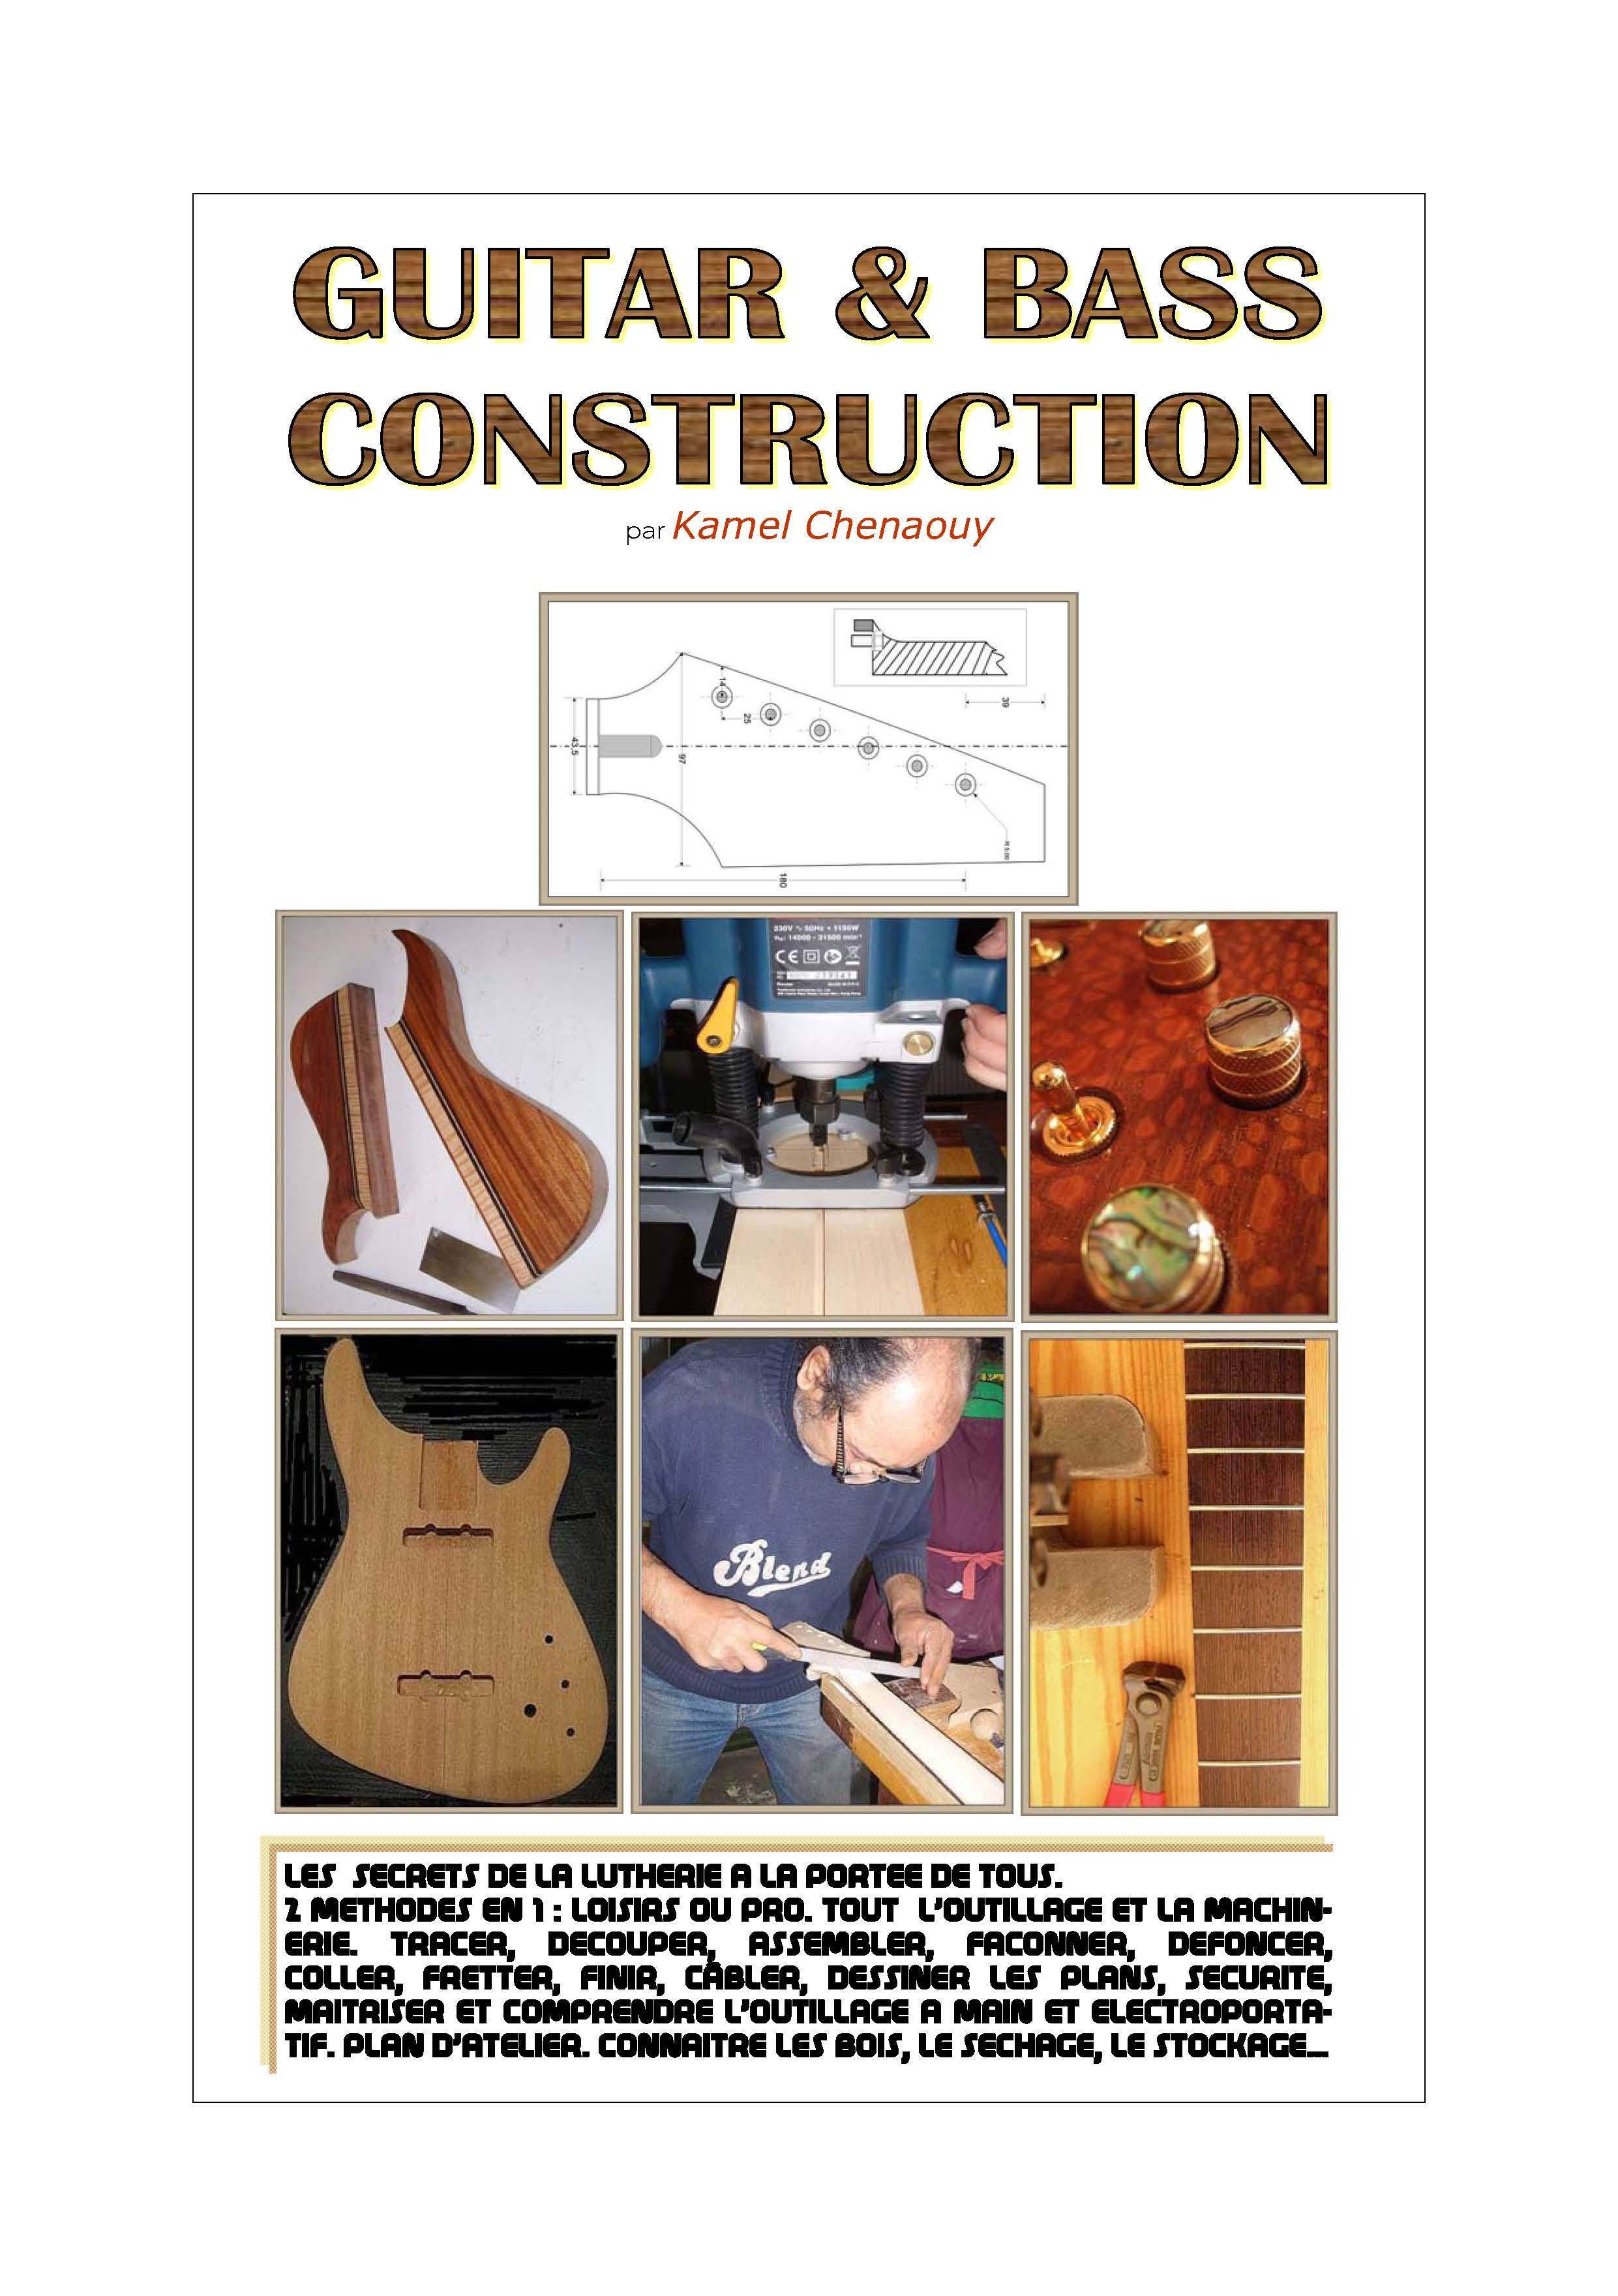 Les bons livres traitant de la Guitare ??? G&bconstruction